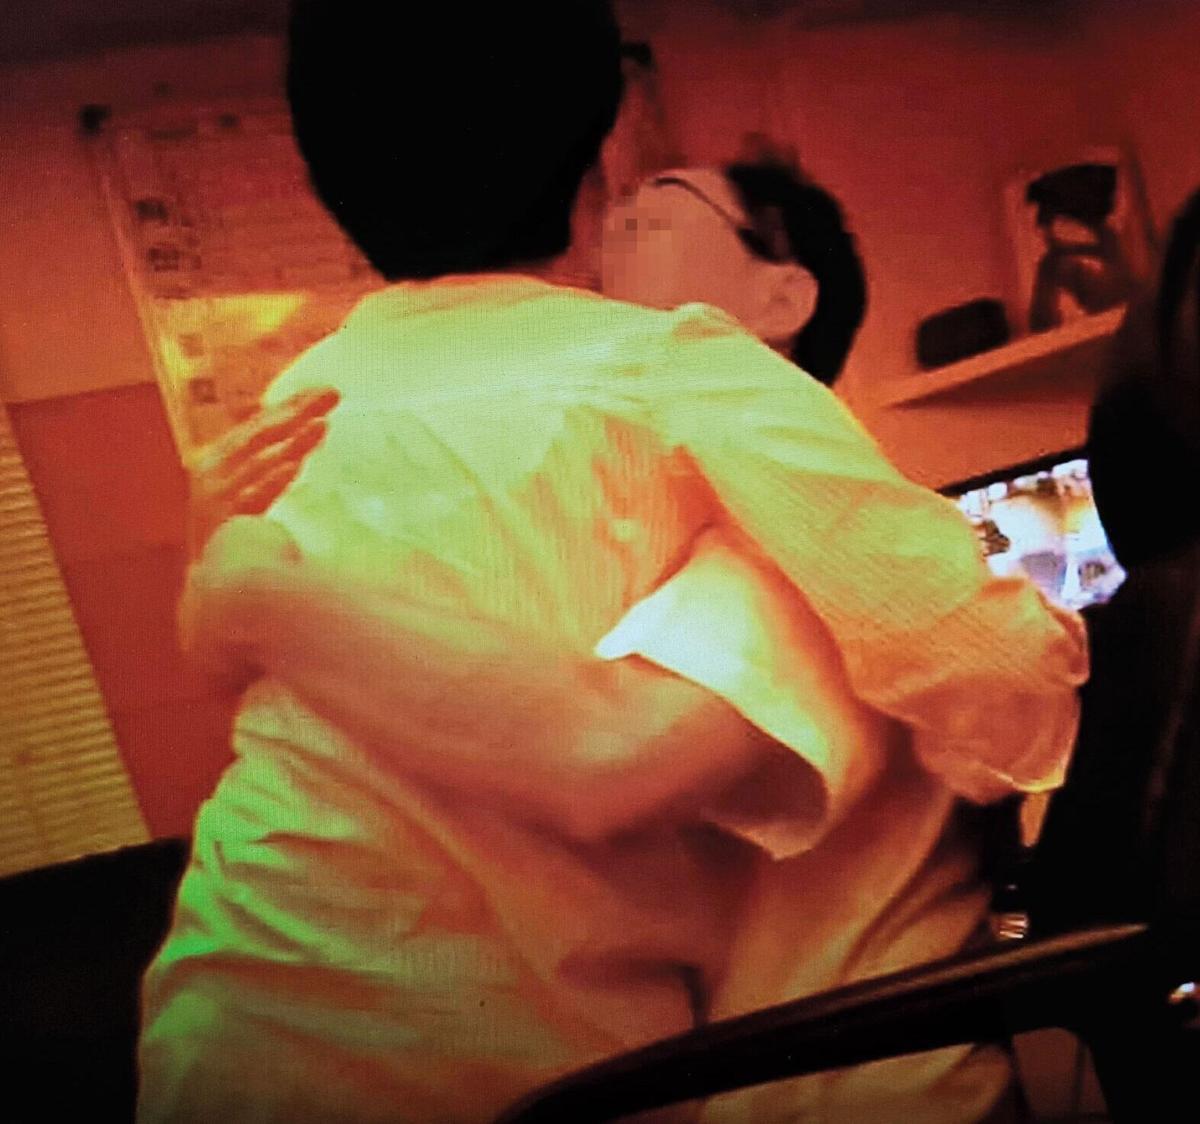 豐富與已婚的何姓女員工在診間做愛,他還偷拍自己欣賞。(讀者提供)